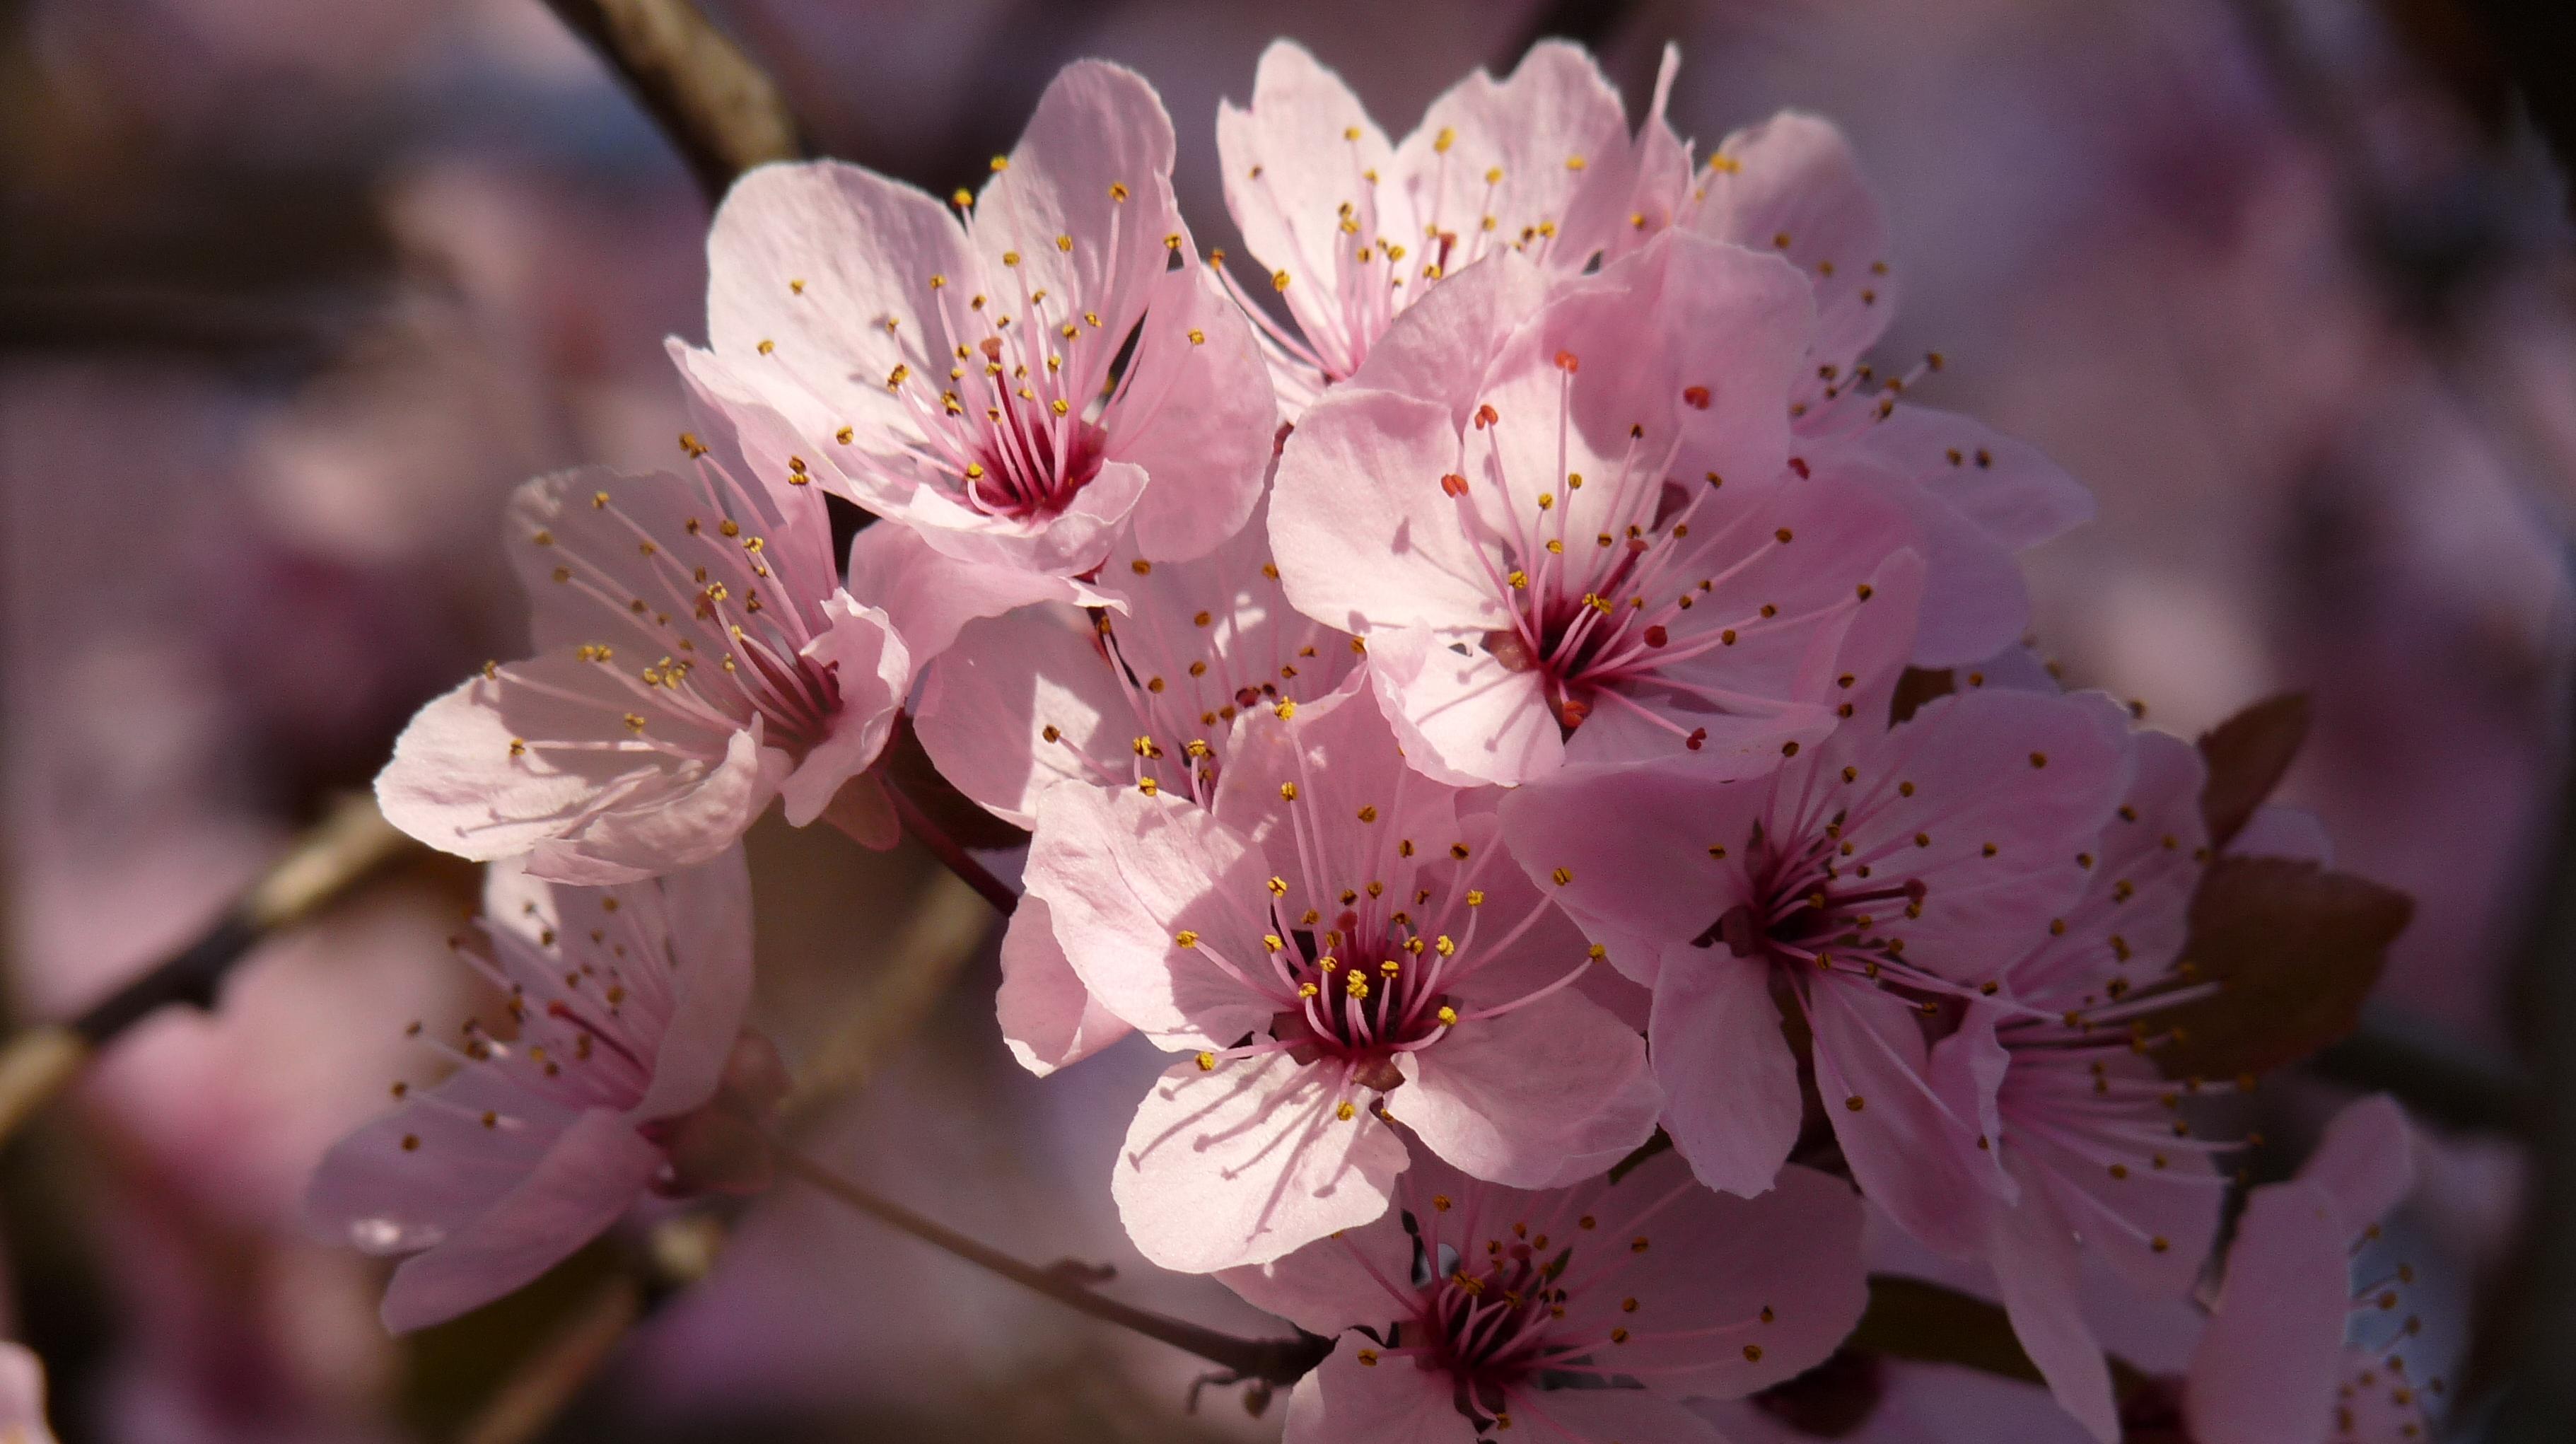 Sen hiç Sakura çiçeği gördün mü?